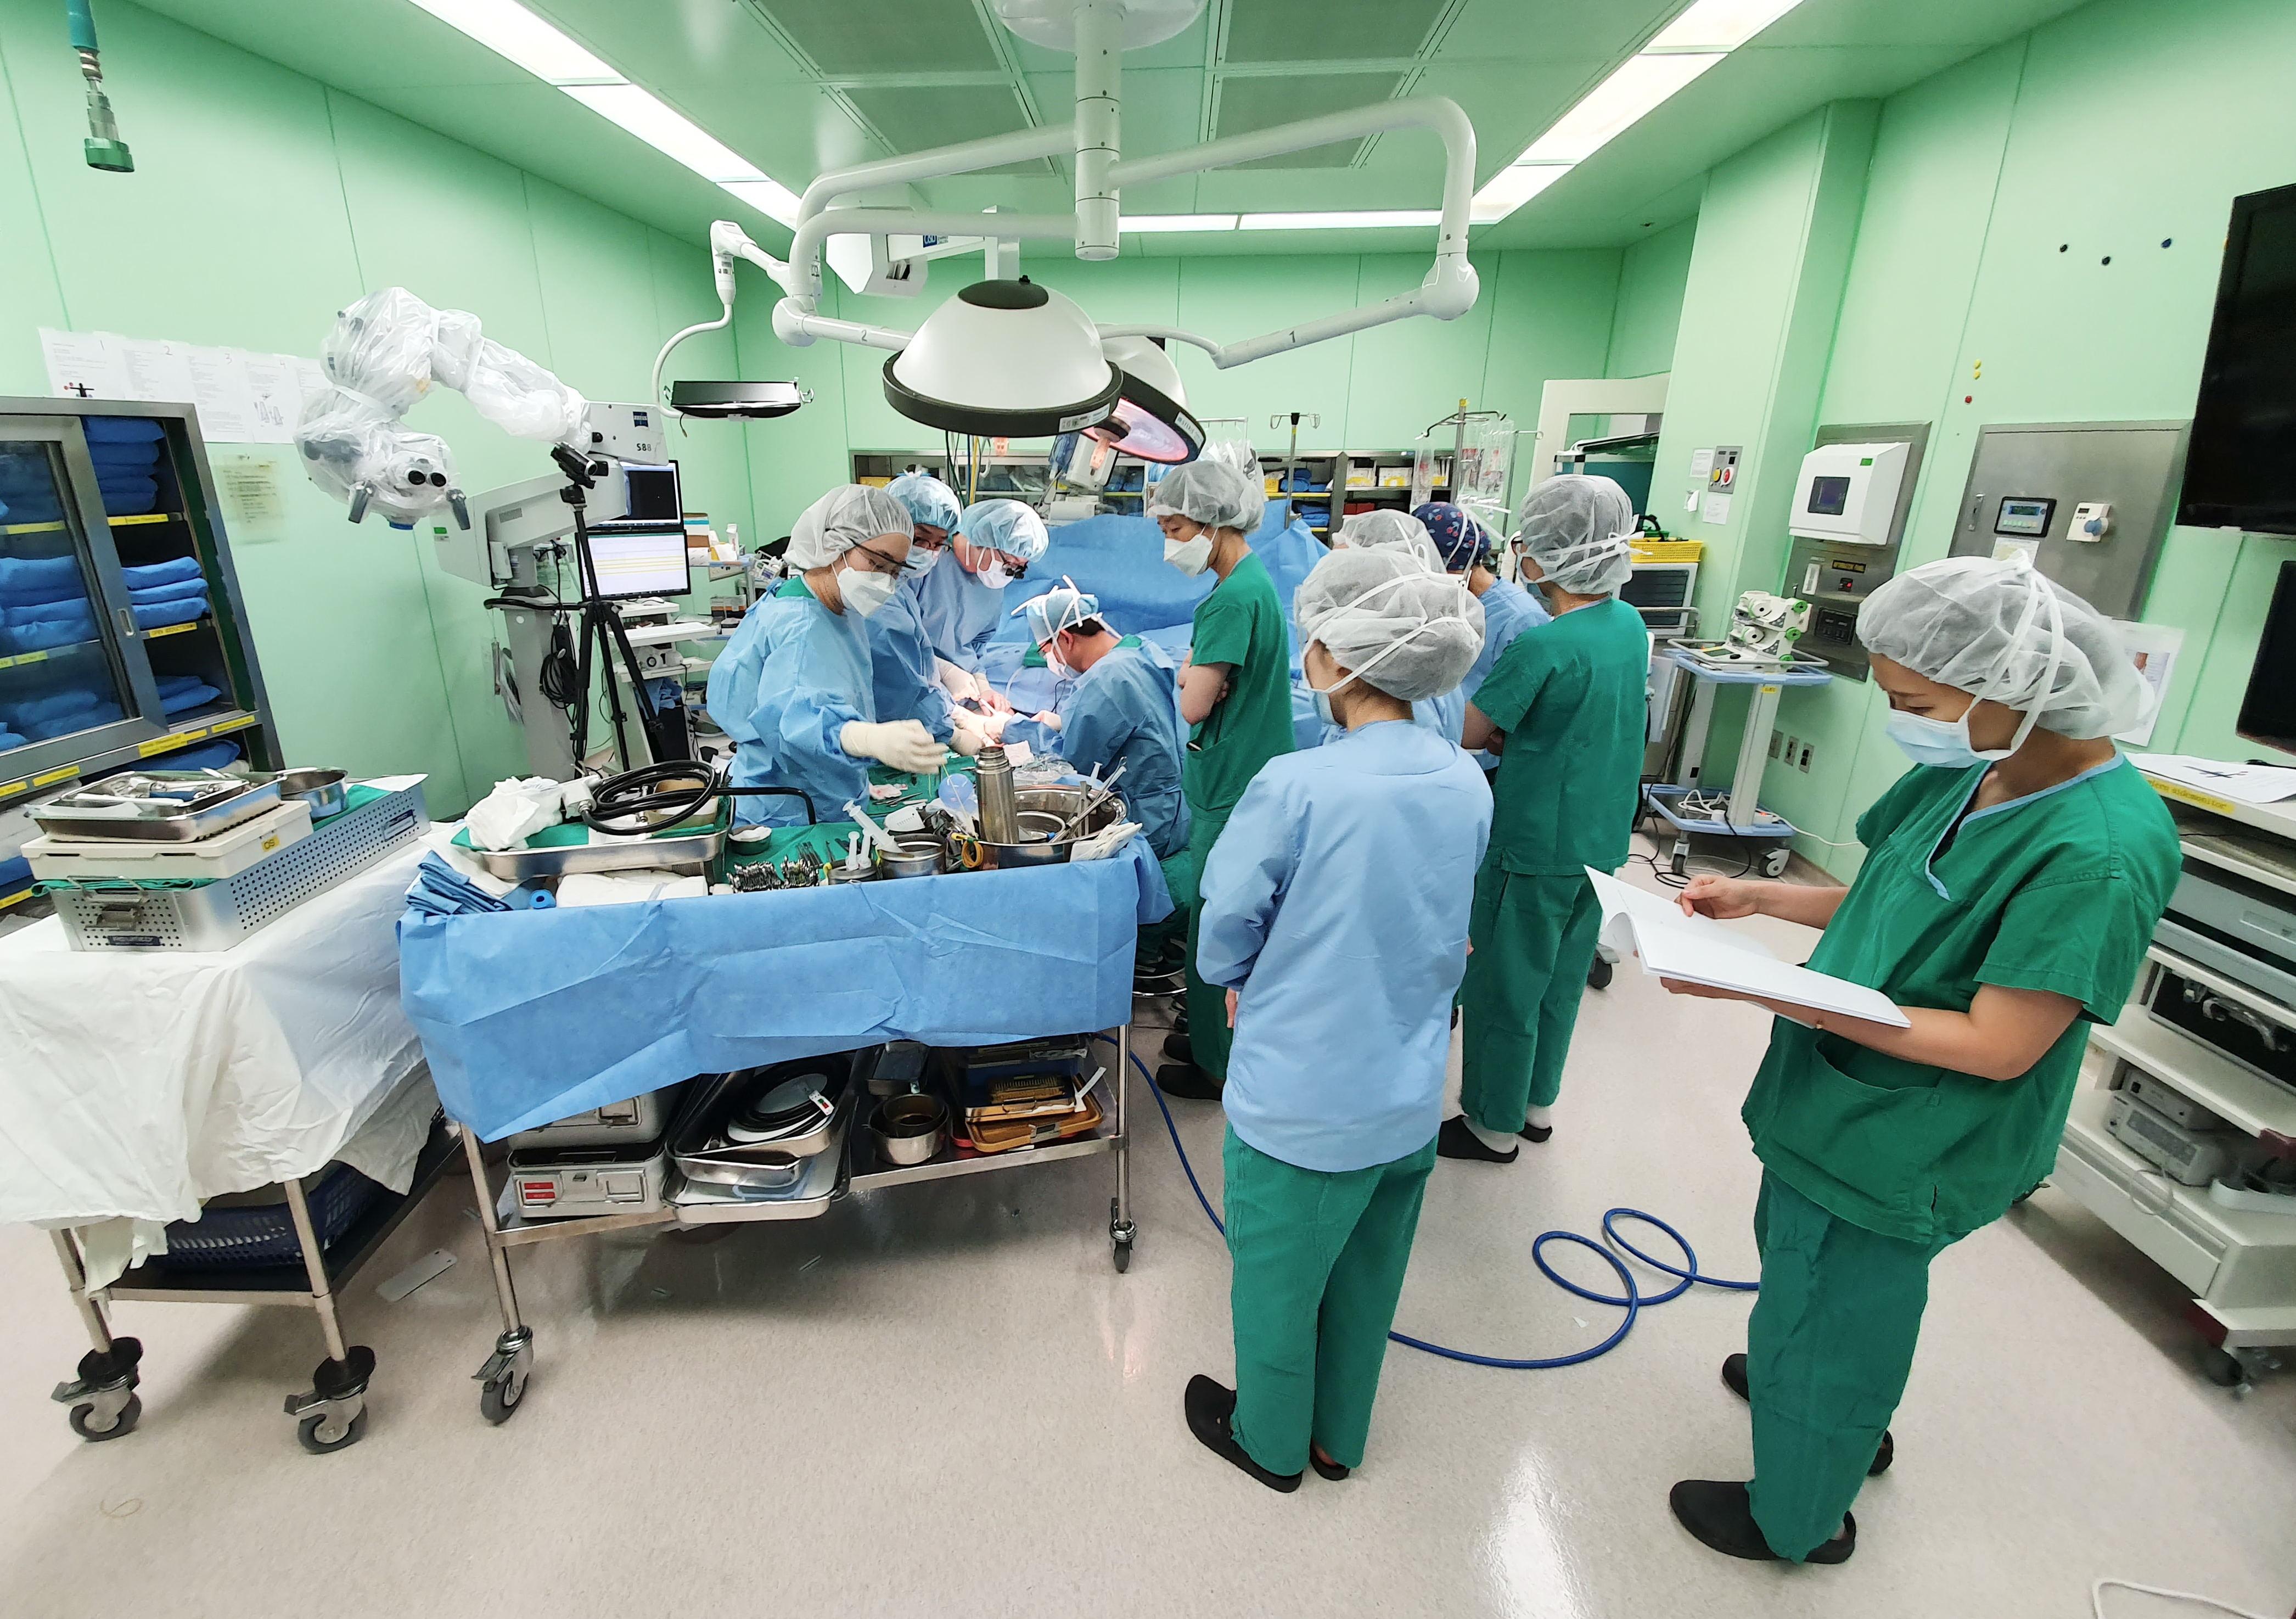 세브란스병원은 손·팔 이식의 법적 허용 이후 처음으로 팔 이식 수술에 성공했다.